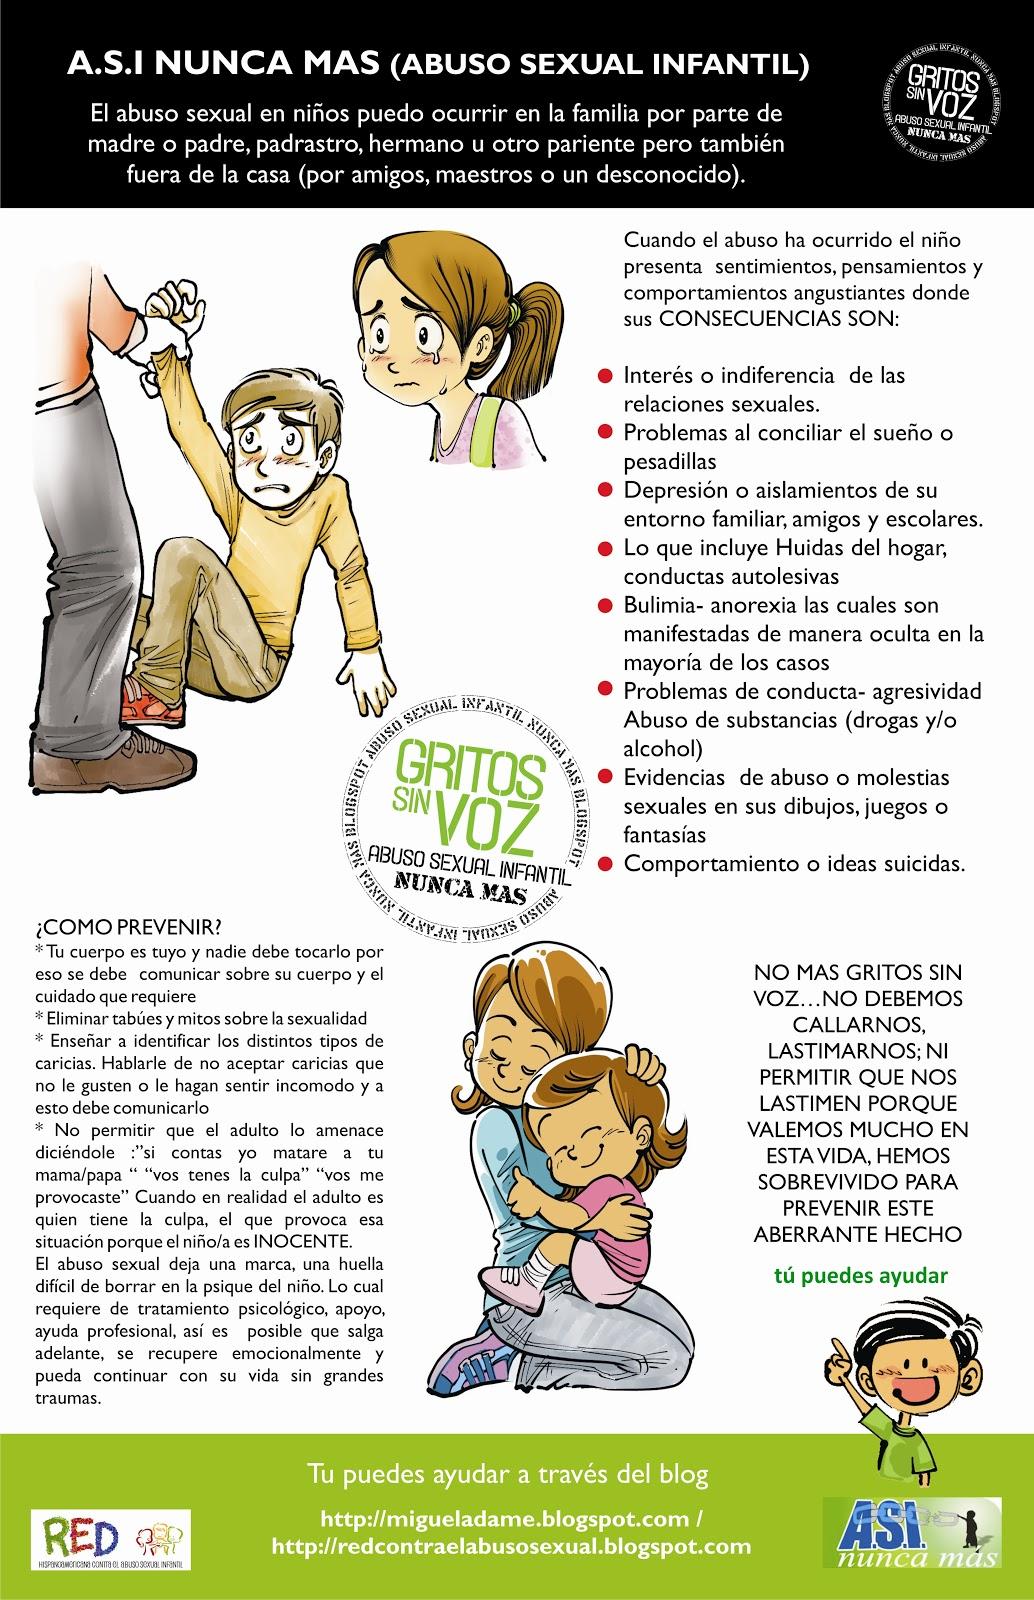 abuso sexual infantil y sus consecuencias en la vida adulta Las consecuencias psicológicas que se han relacionado con la experiencia de abuso sexual infantil pueden perdurar a lo largo del ciclo evolutivo y configurar, en la edad adulta, los llamados efectos a largo plazo del abuso sexual.